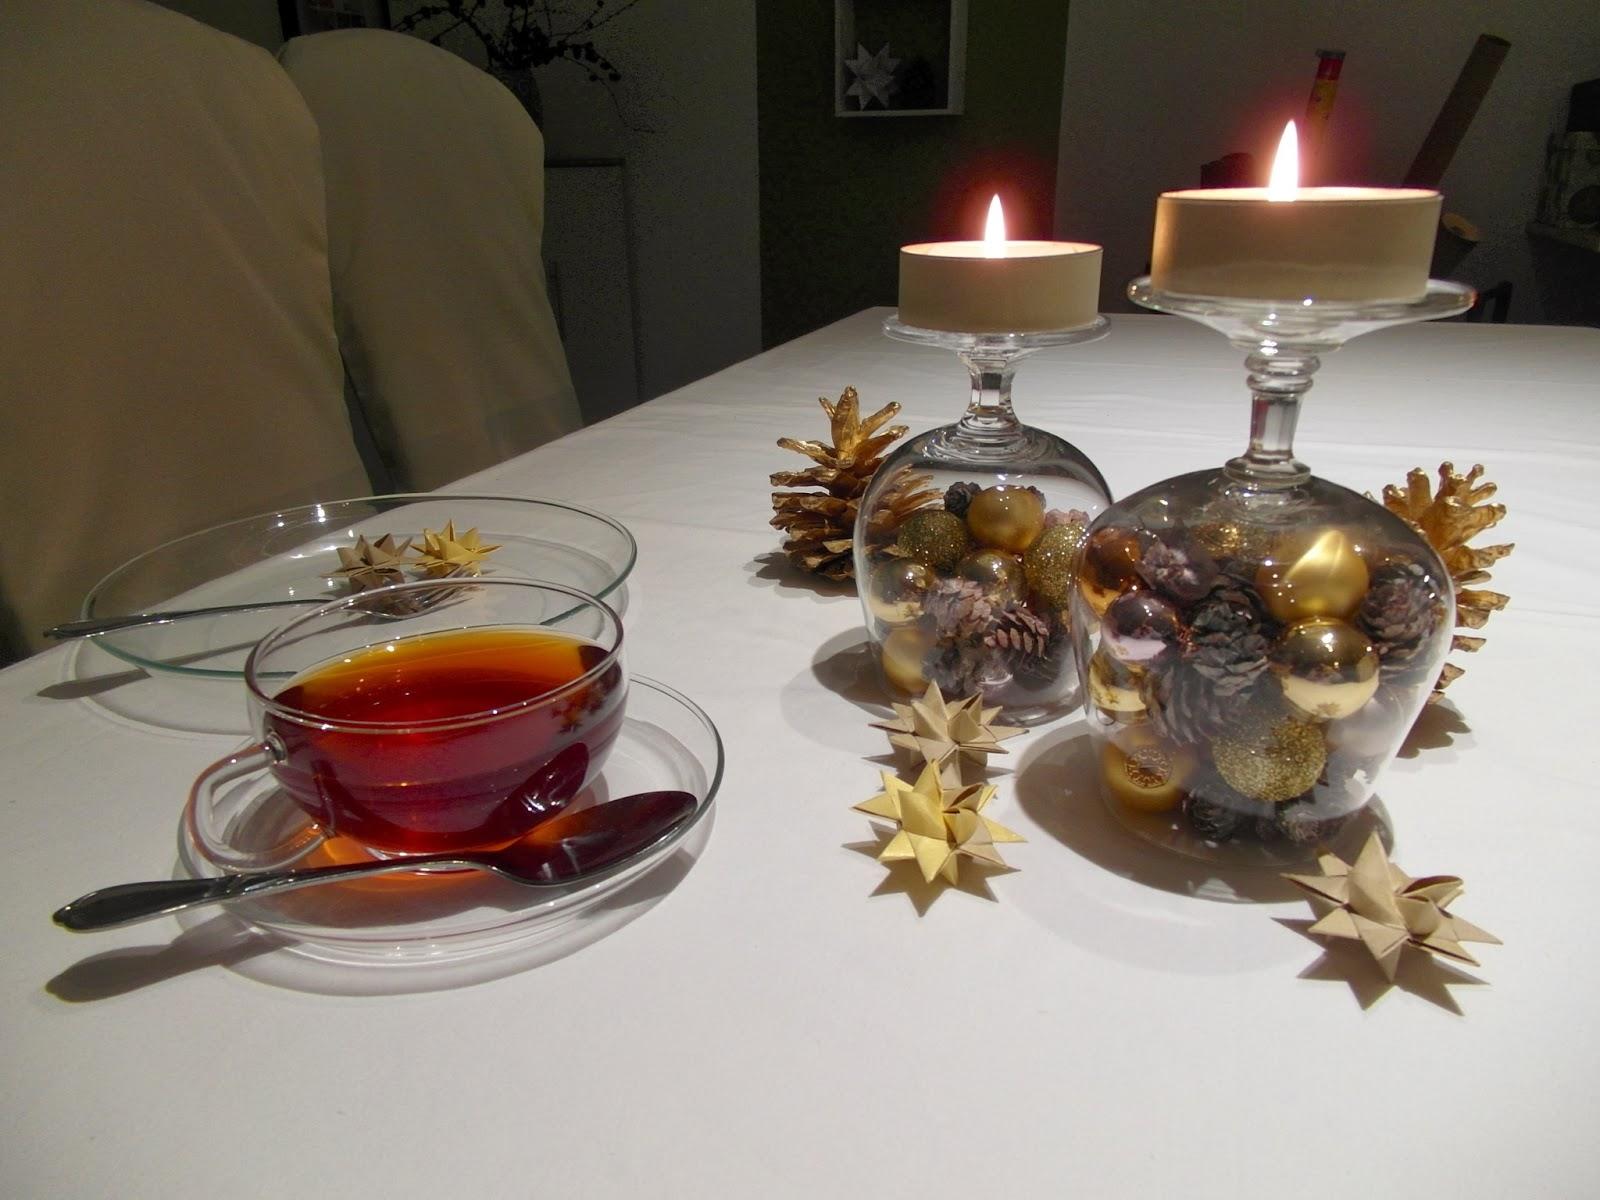 Haus voller Ideen: weihnachtliche Tischdeko